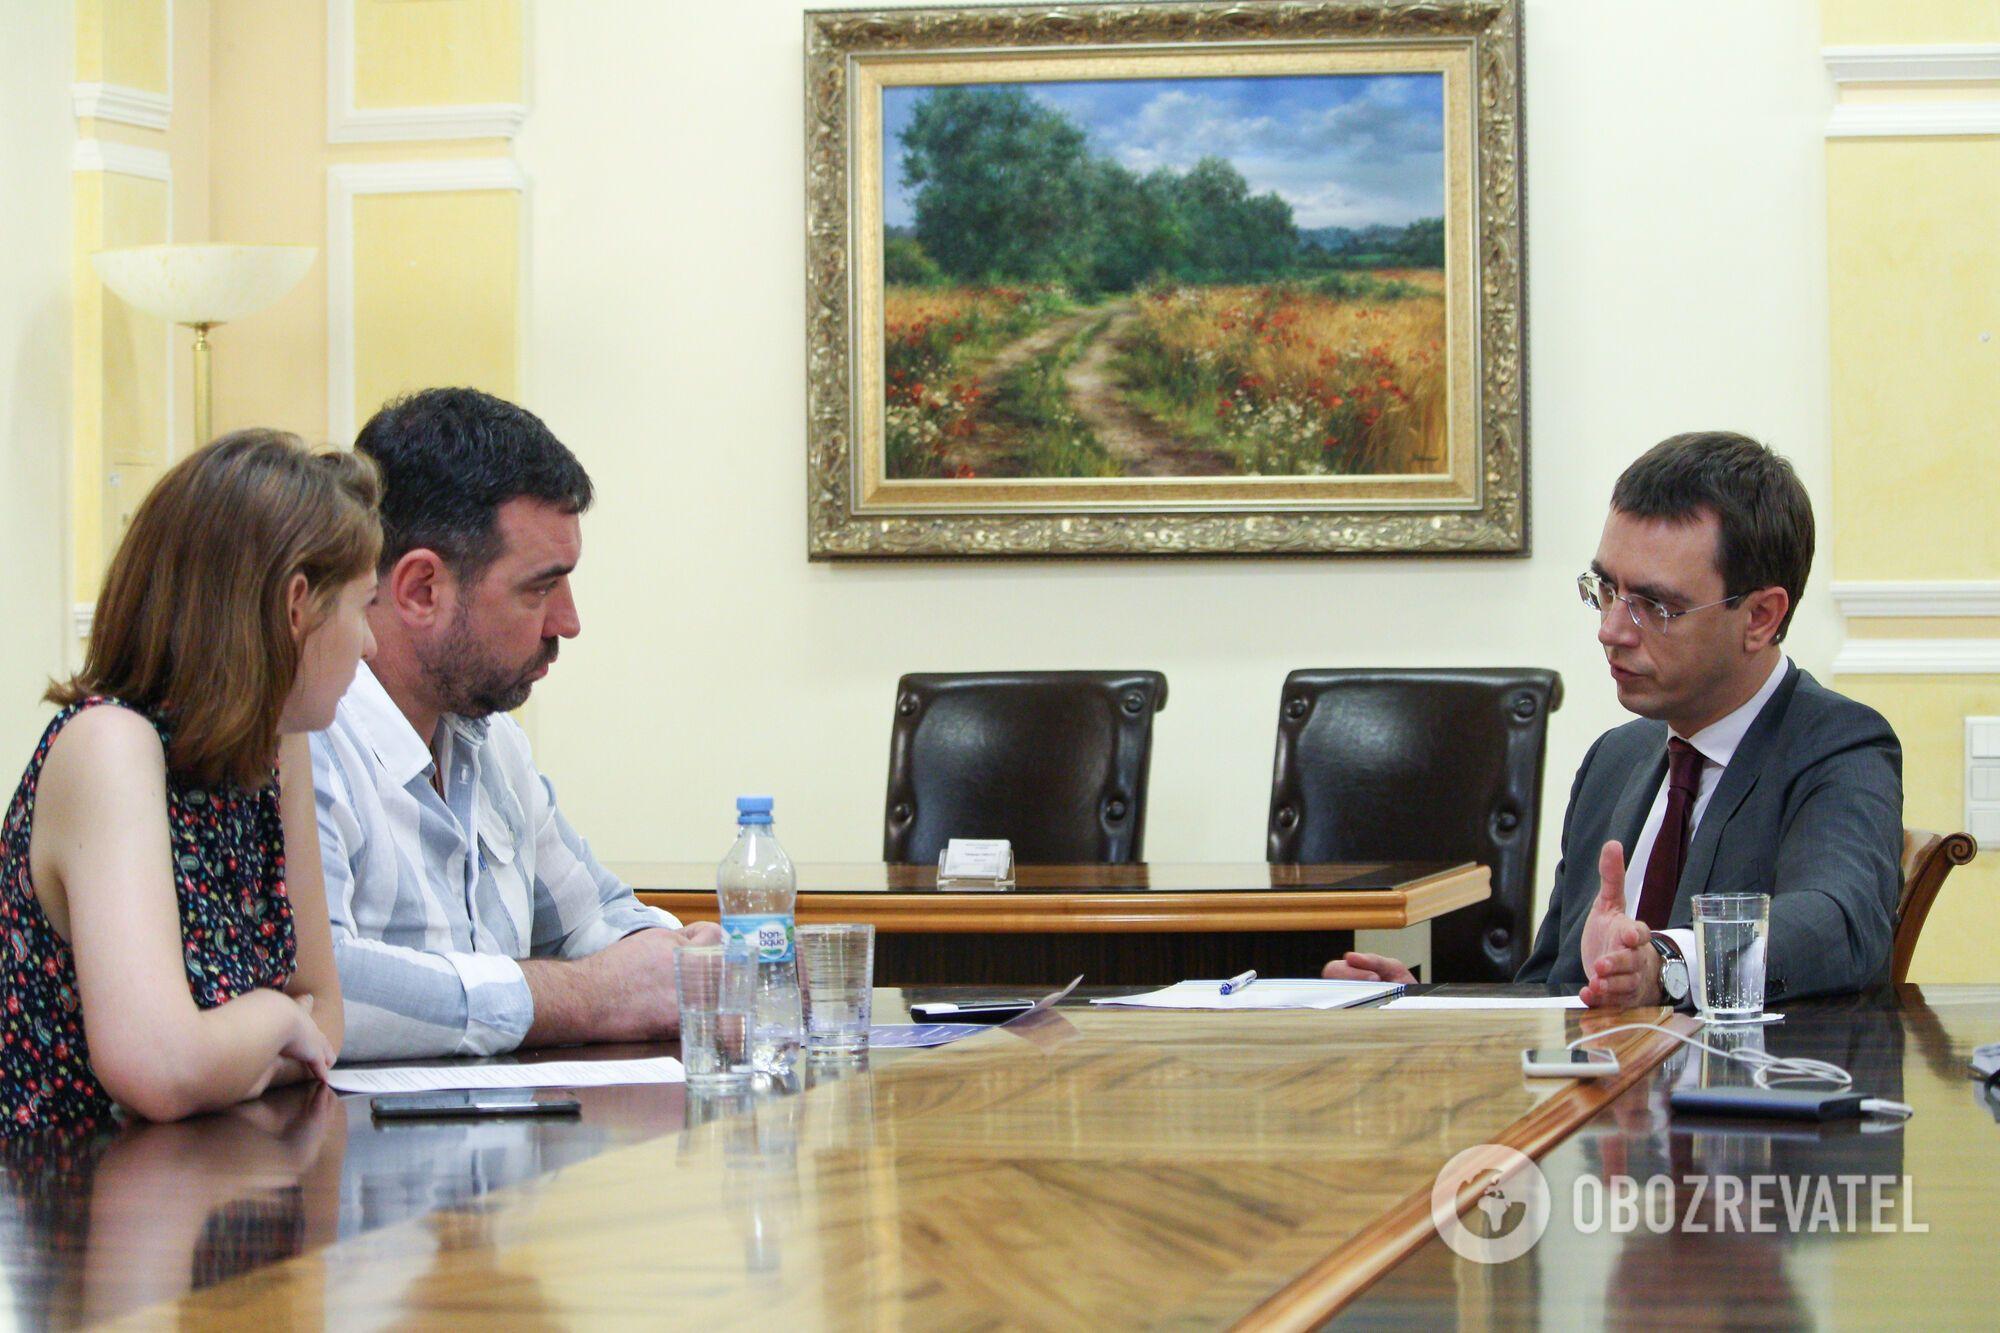 Как ужесточат контроль на дорогах и за сколько будут летать украинцы: Омелян анонсировал перемены